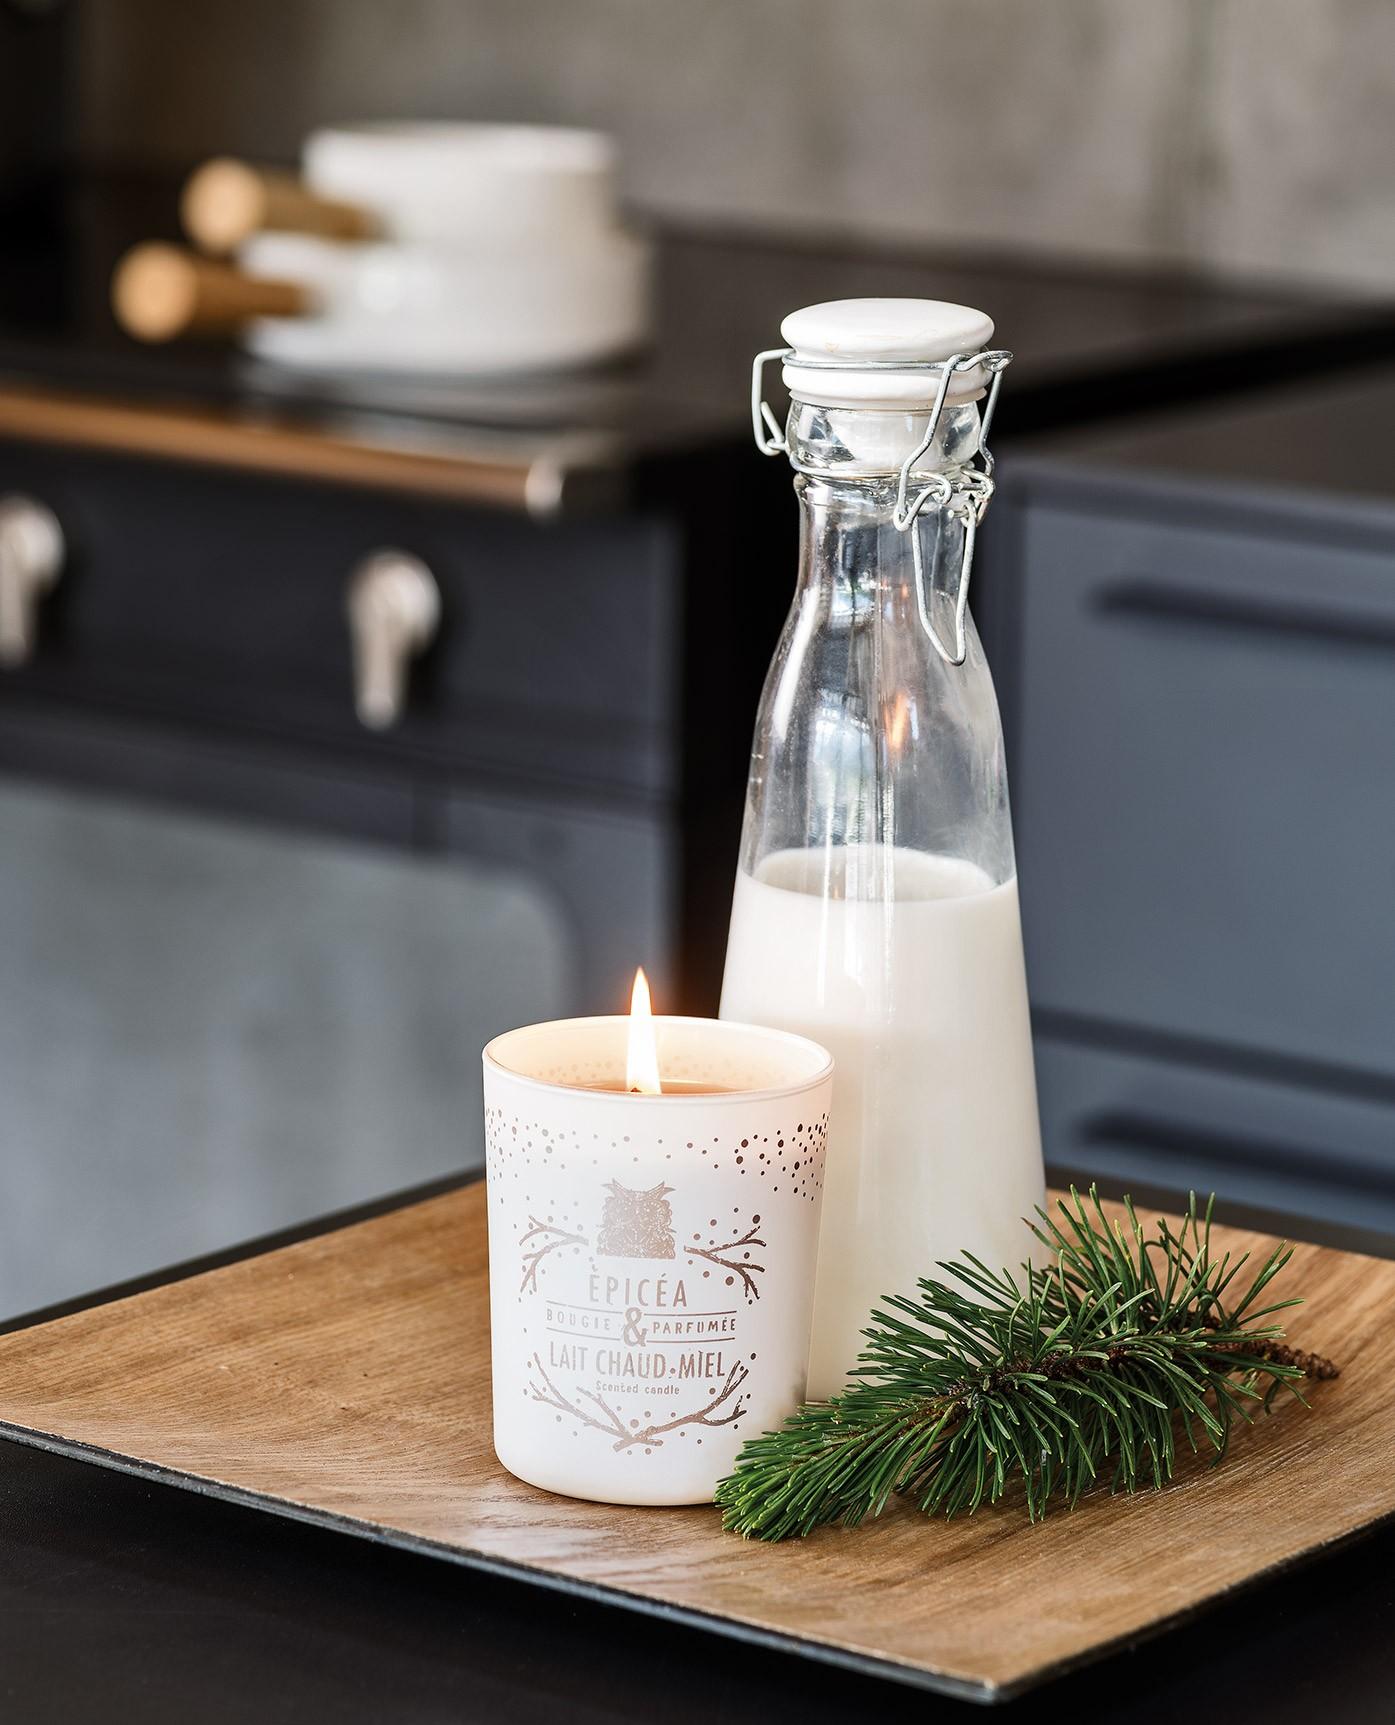 bougie-la-francaise-parfumee-epicea-et-lait-chaud-au-miel